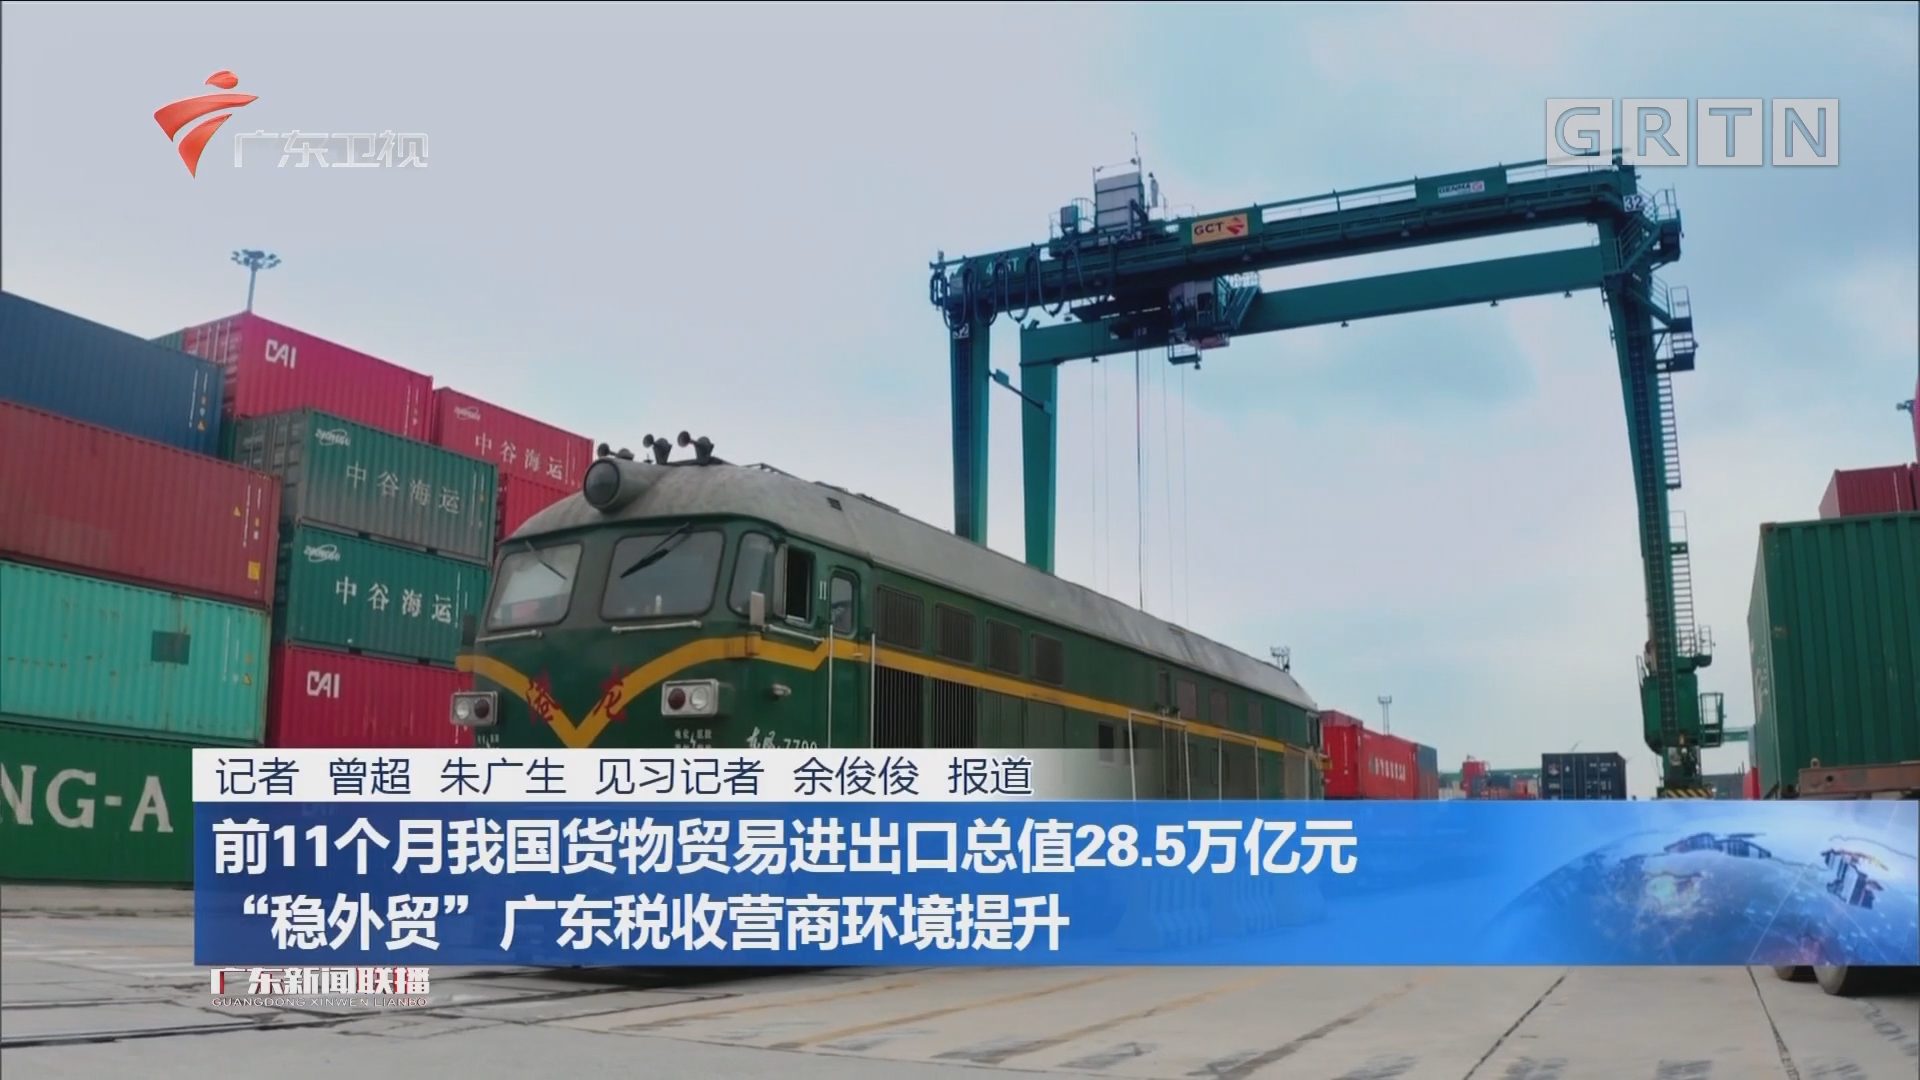 """前11个月我国货物贸易进出口总值28.5万亿元 """"稳外贸""""广东税收营商环境提升"""